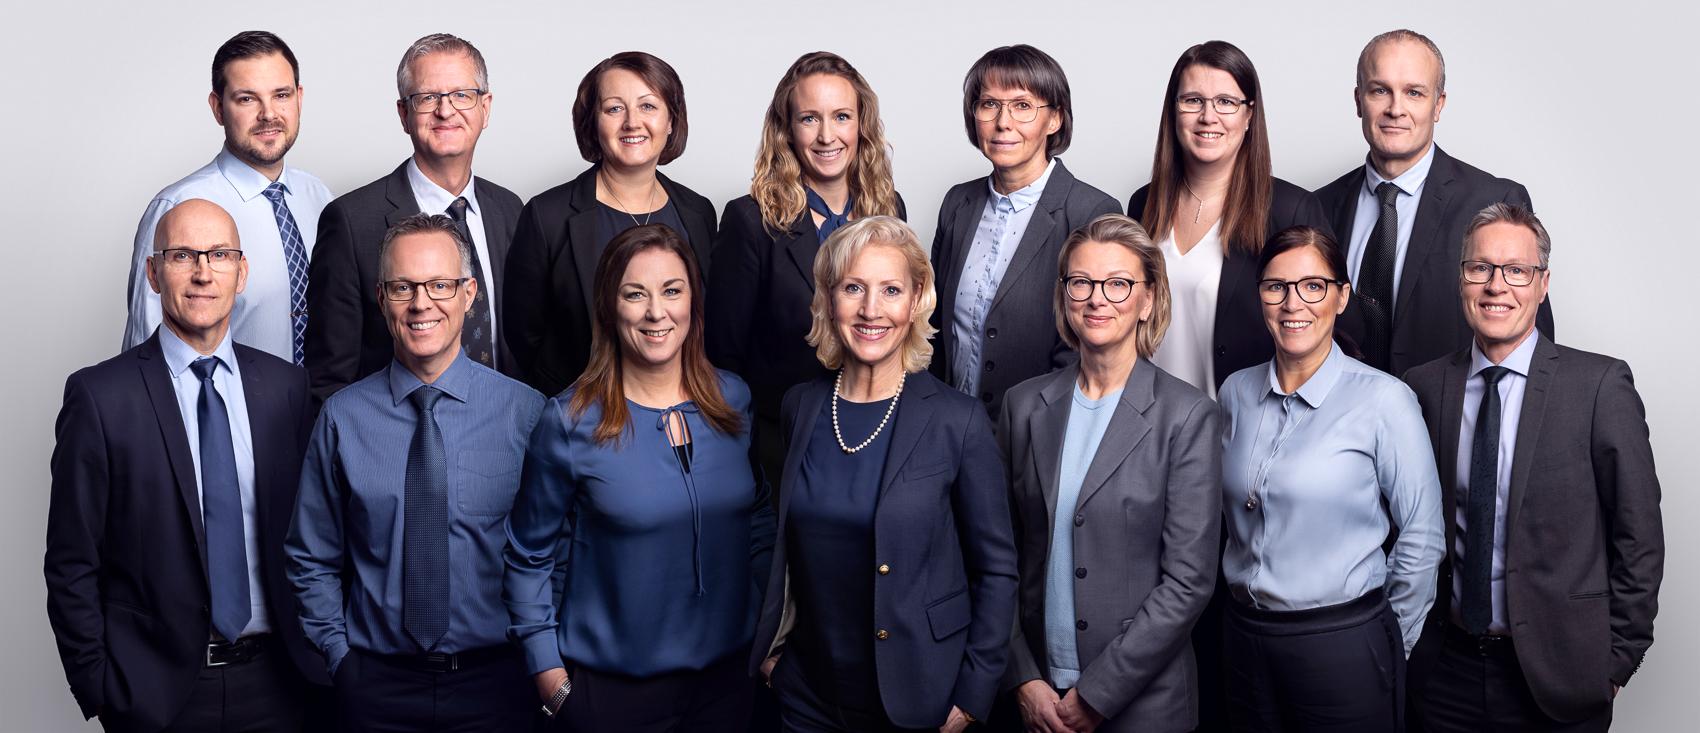 Ihopklippt Gruppfoto av personalen på Esse Revision